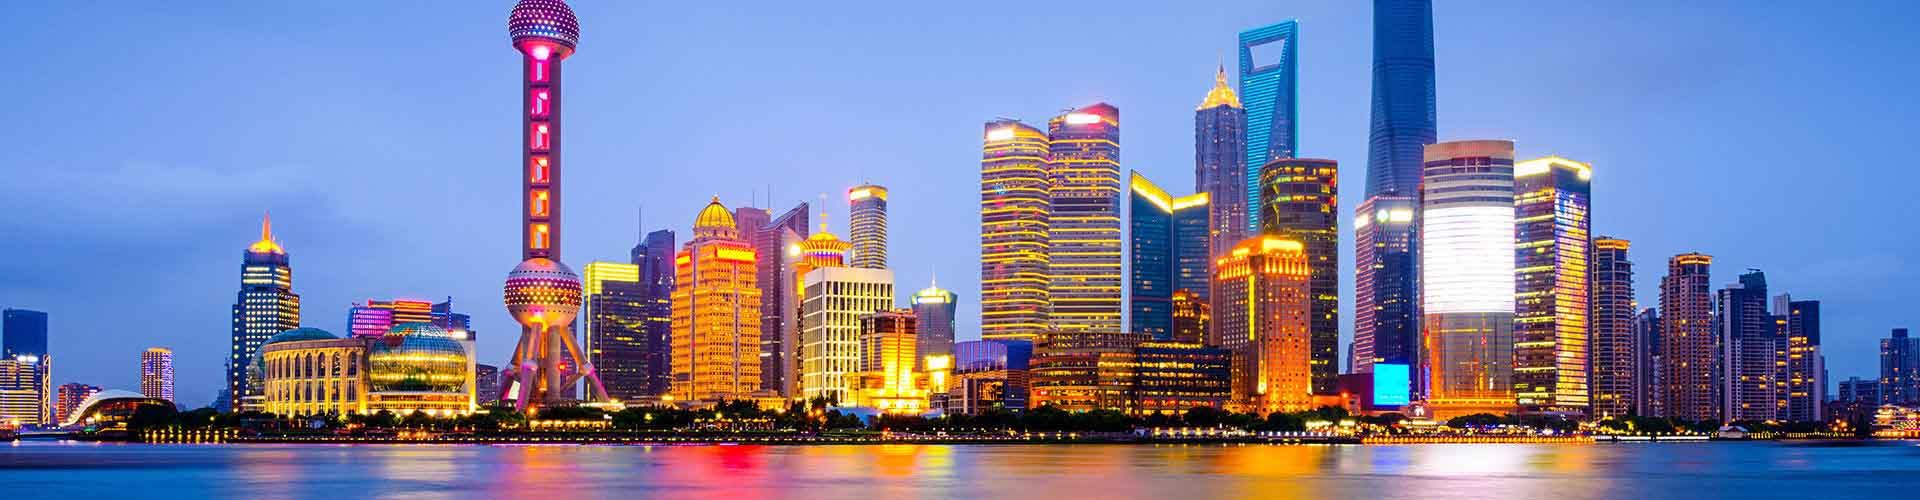 上海 – 上海的宾馆。上海地图,上海每间宾馆的照片和评价。